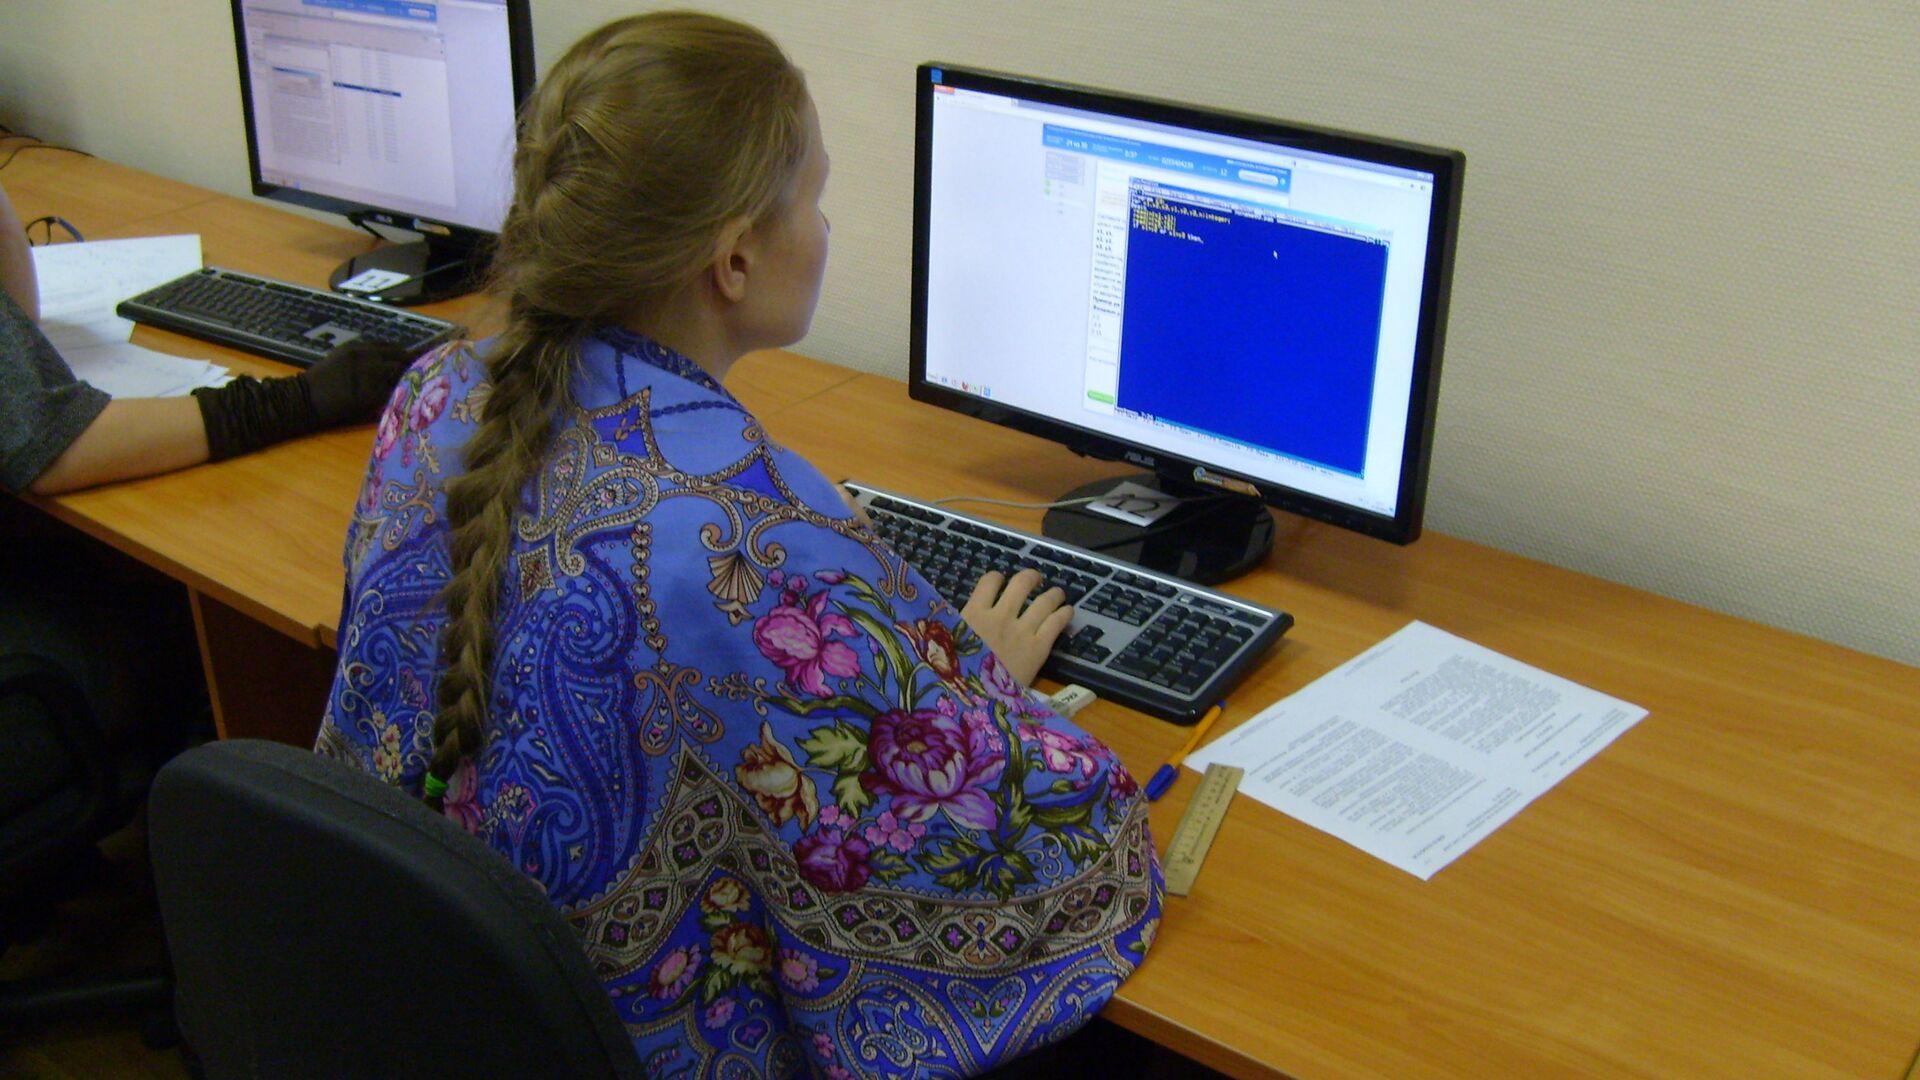 Новосибирские школьники в октябре сдали Единый госэкзамен по английскому языку и информатике в новом формате. - РИА Новости, 1920, 27.04.2021